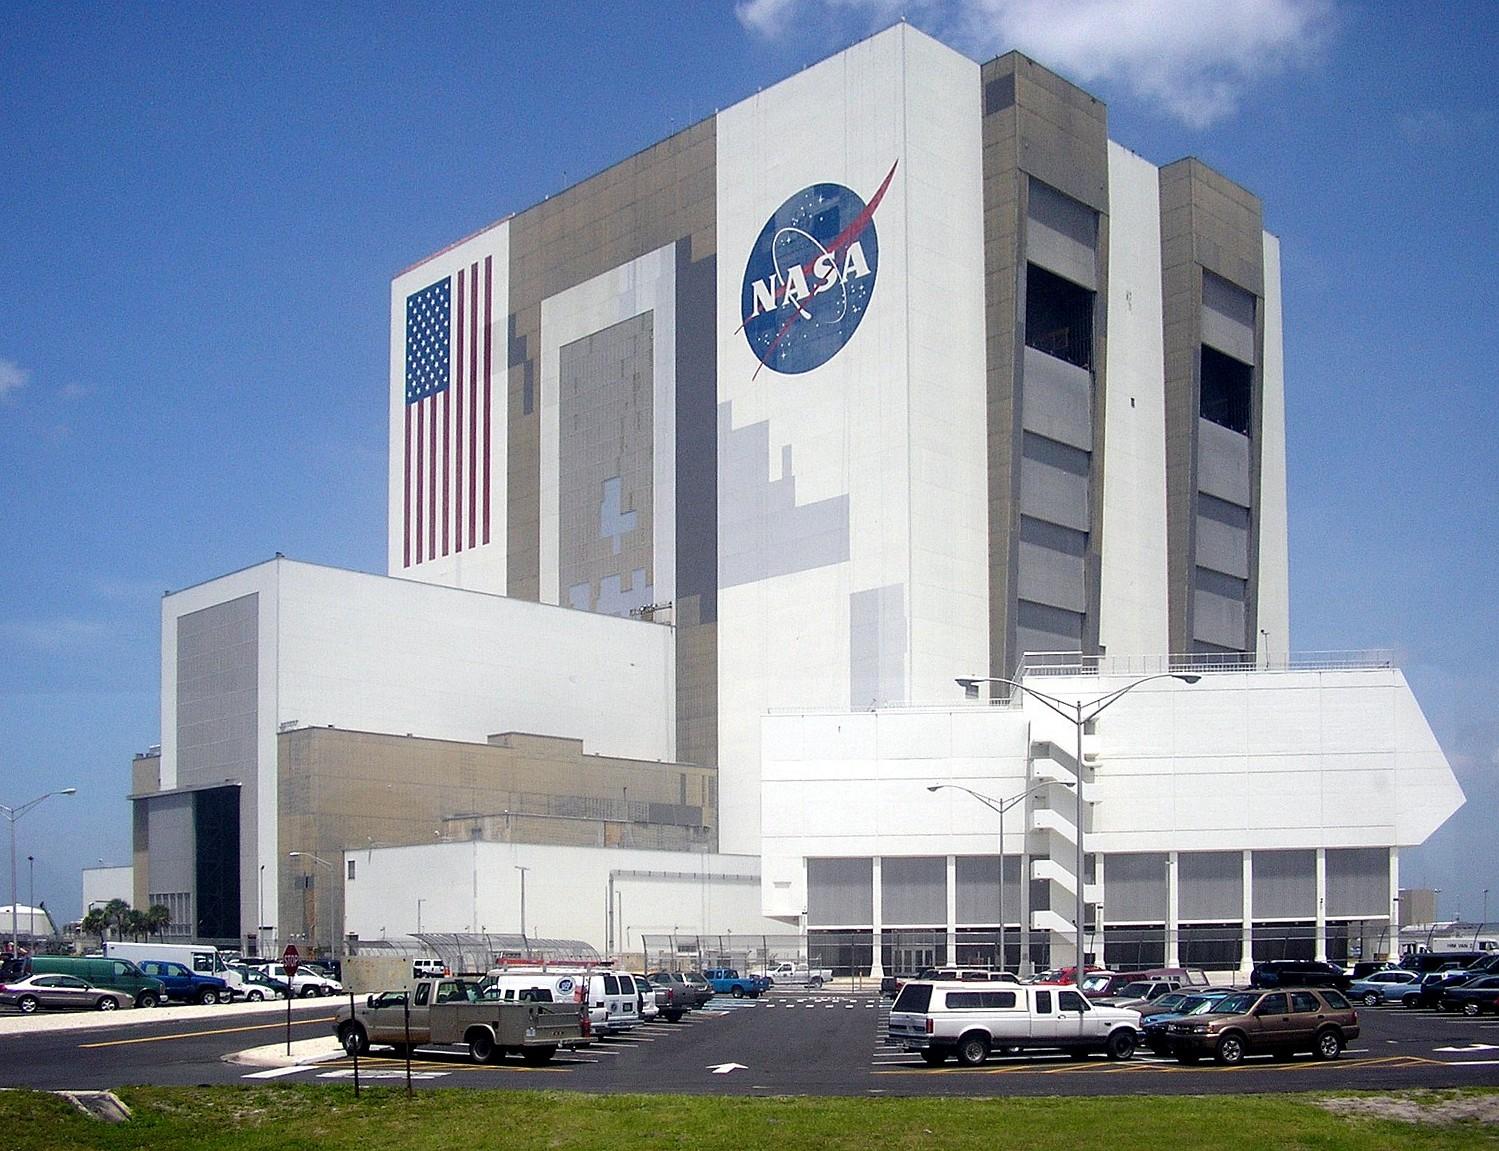 ناسا تاکید کرد همچنان از فضاپیمای سویوز روسیه استفاده میکند